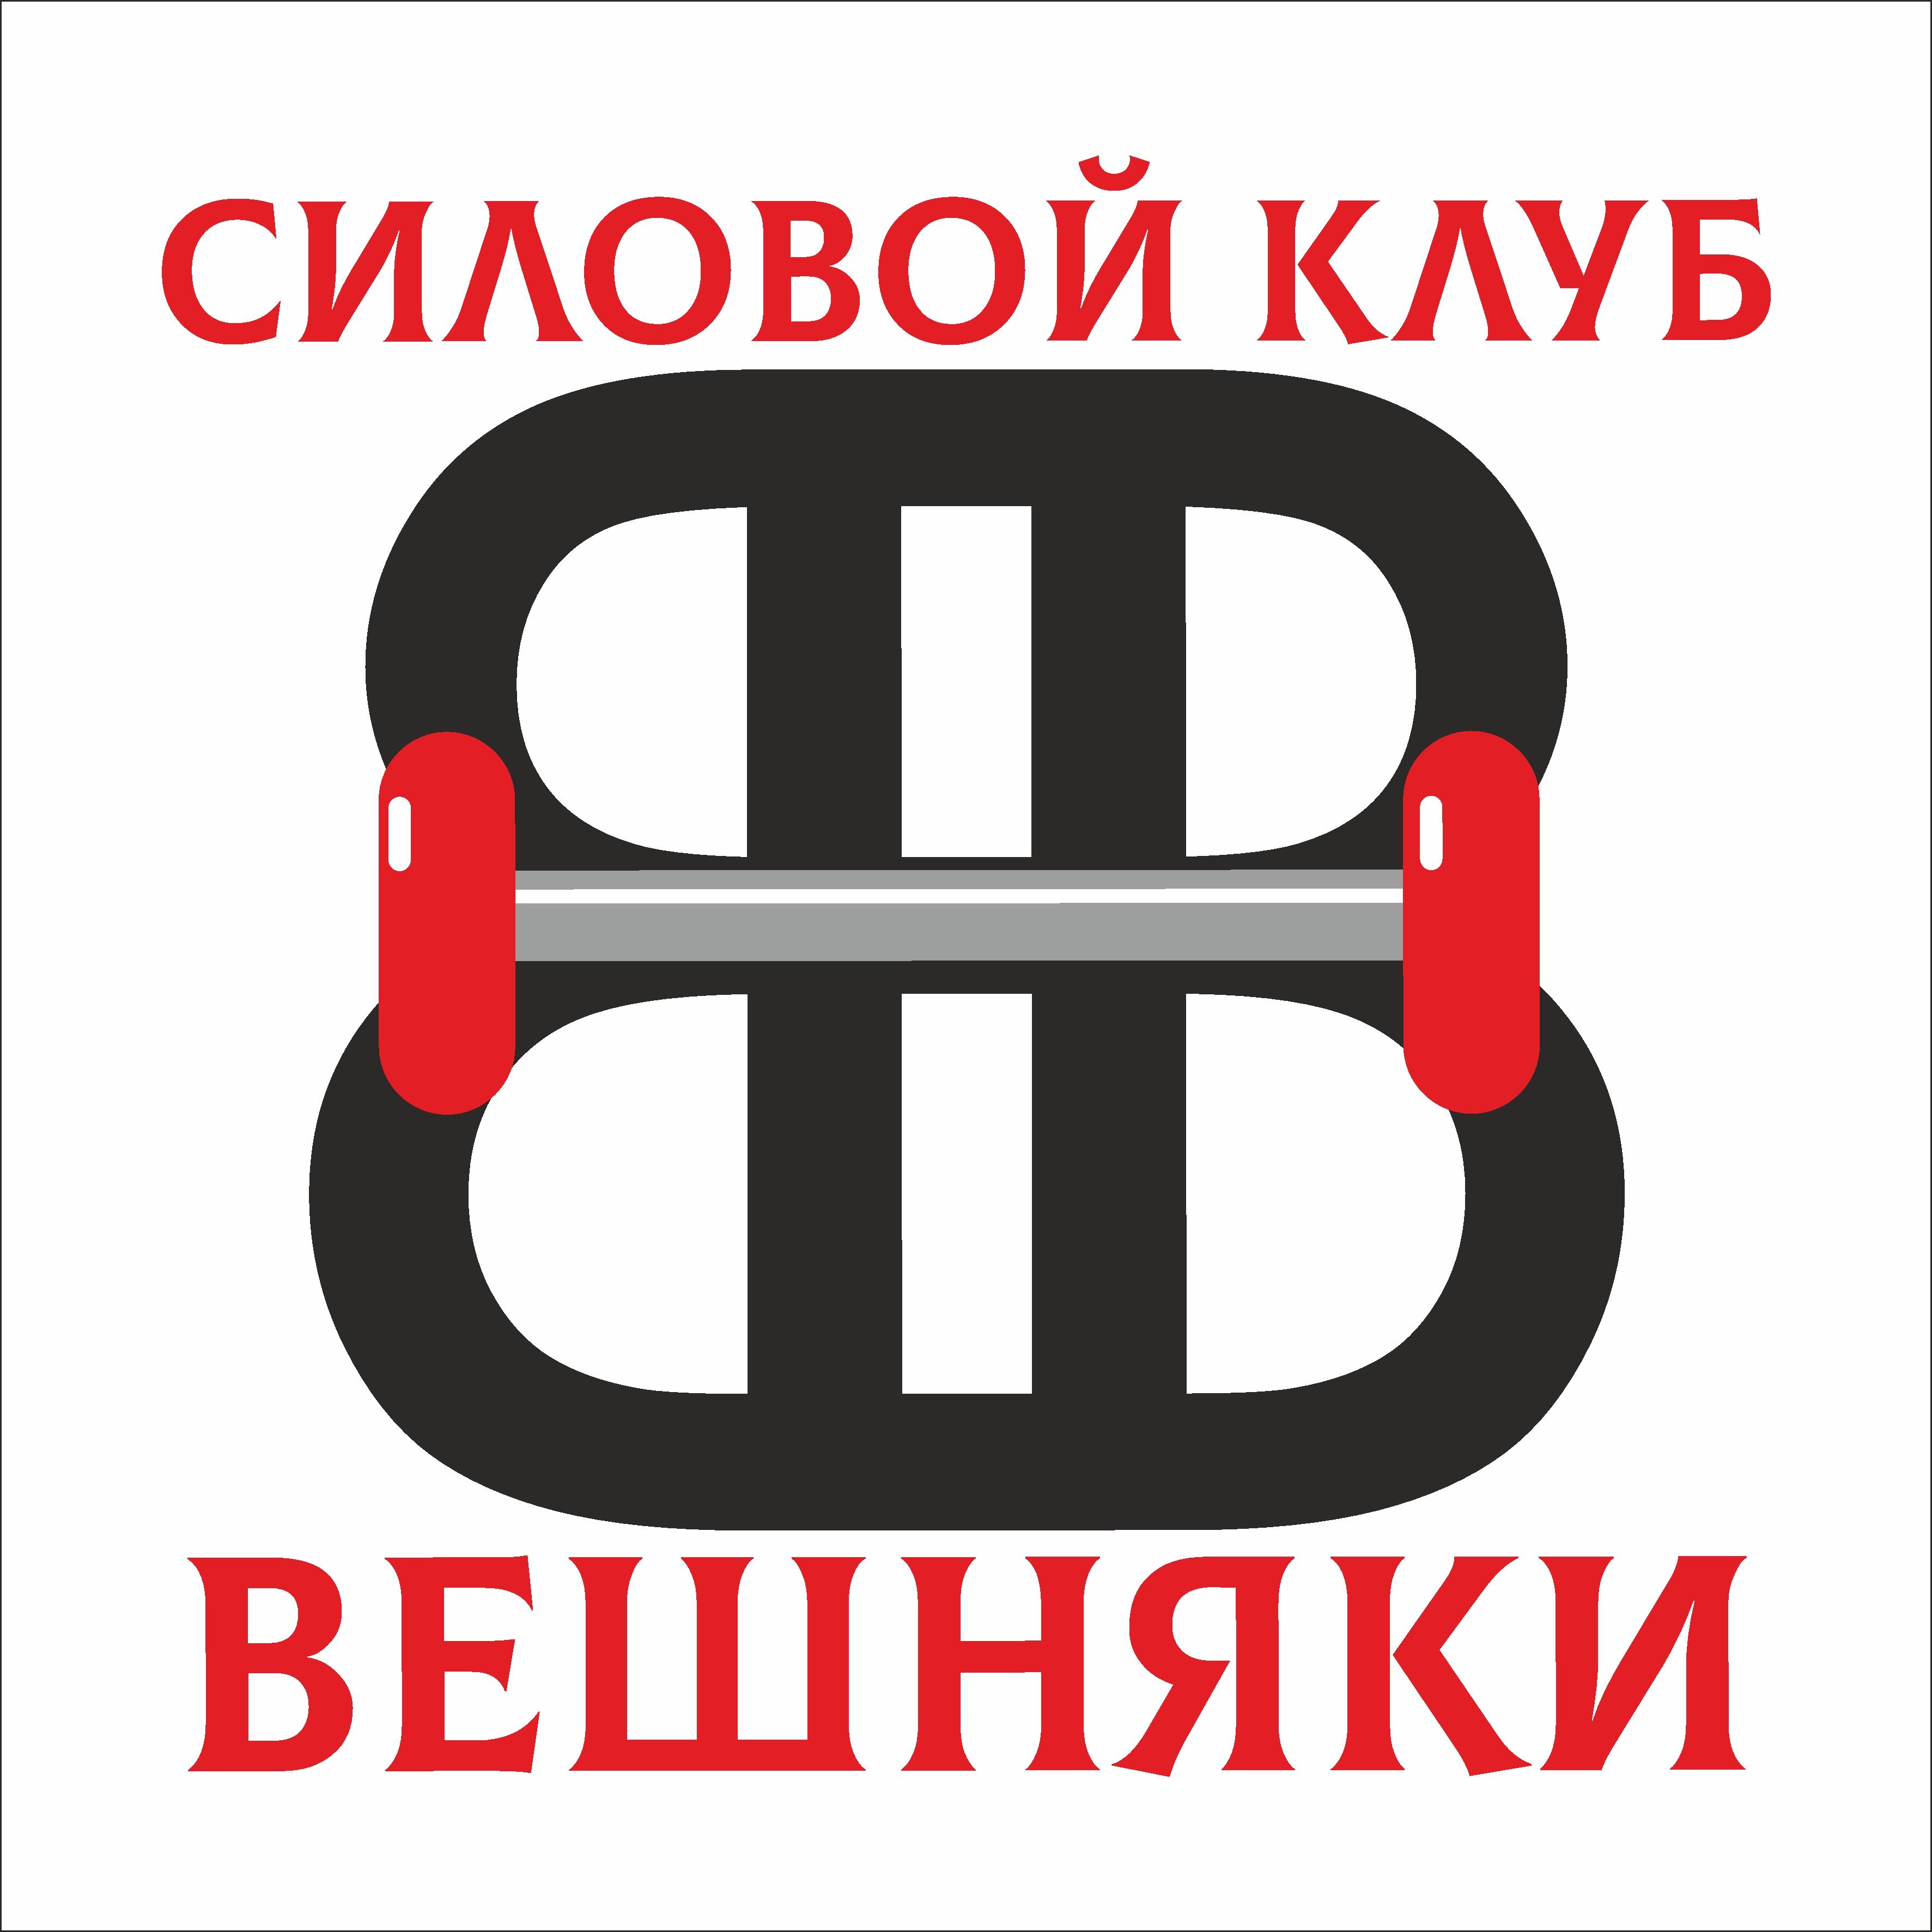 Адаптация (разработка) логотипа Силового клуба ВЕШНЯКИ в инт фото f_6975fbd043067af3.jpg